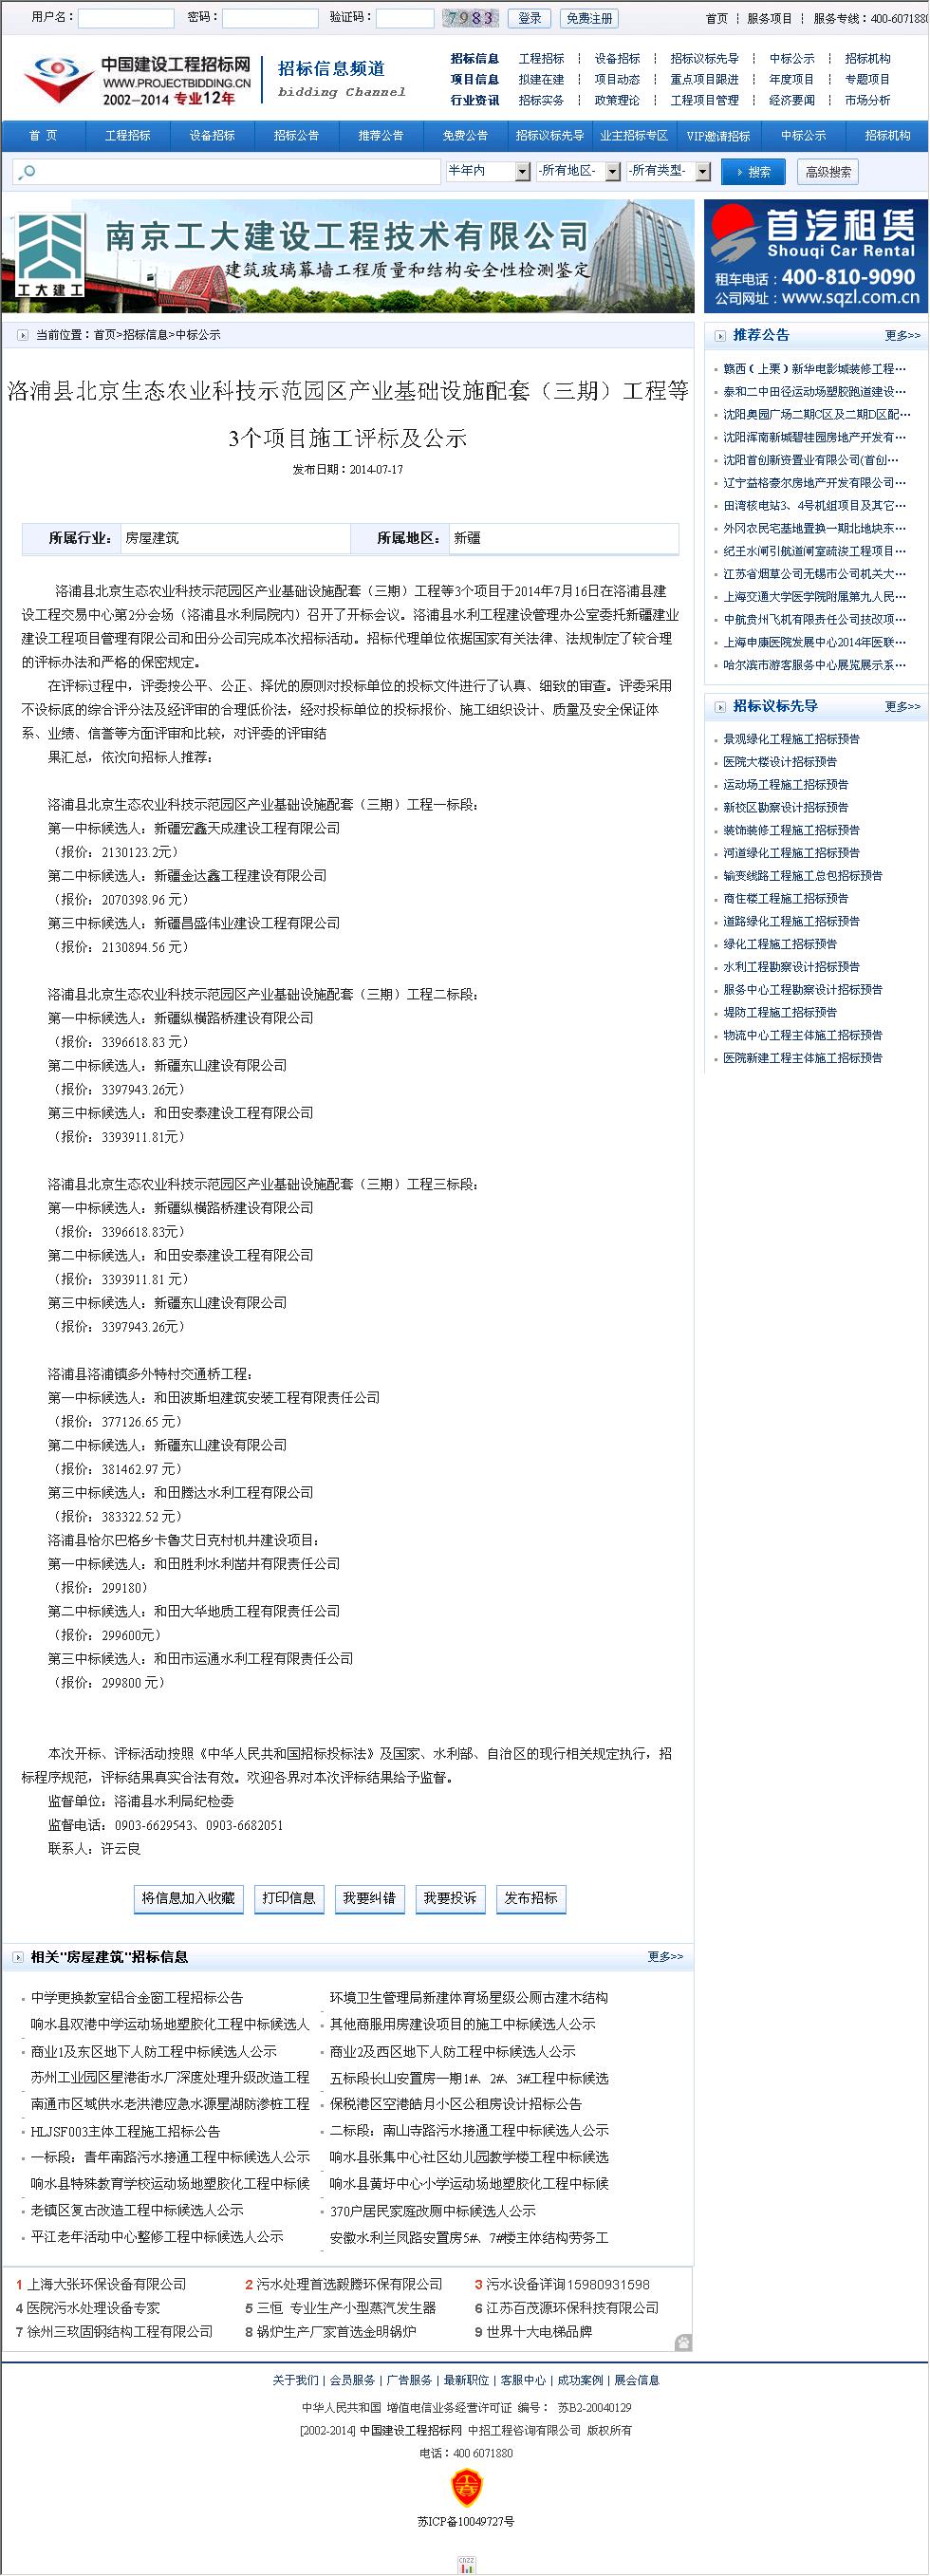 和田胜利水利凿井有限责任公司